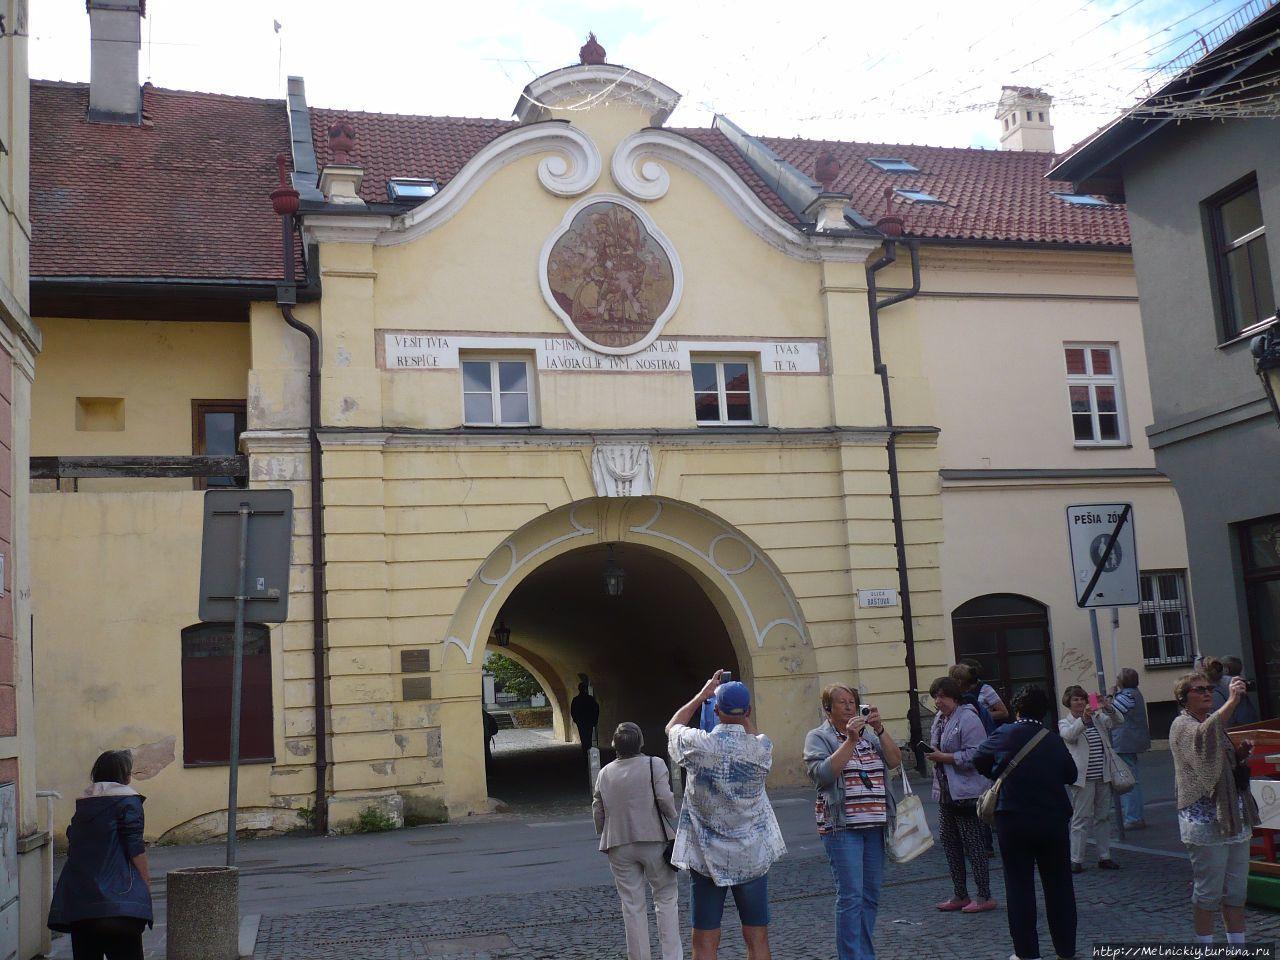 Короткая прогулка по центру старинного города